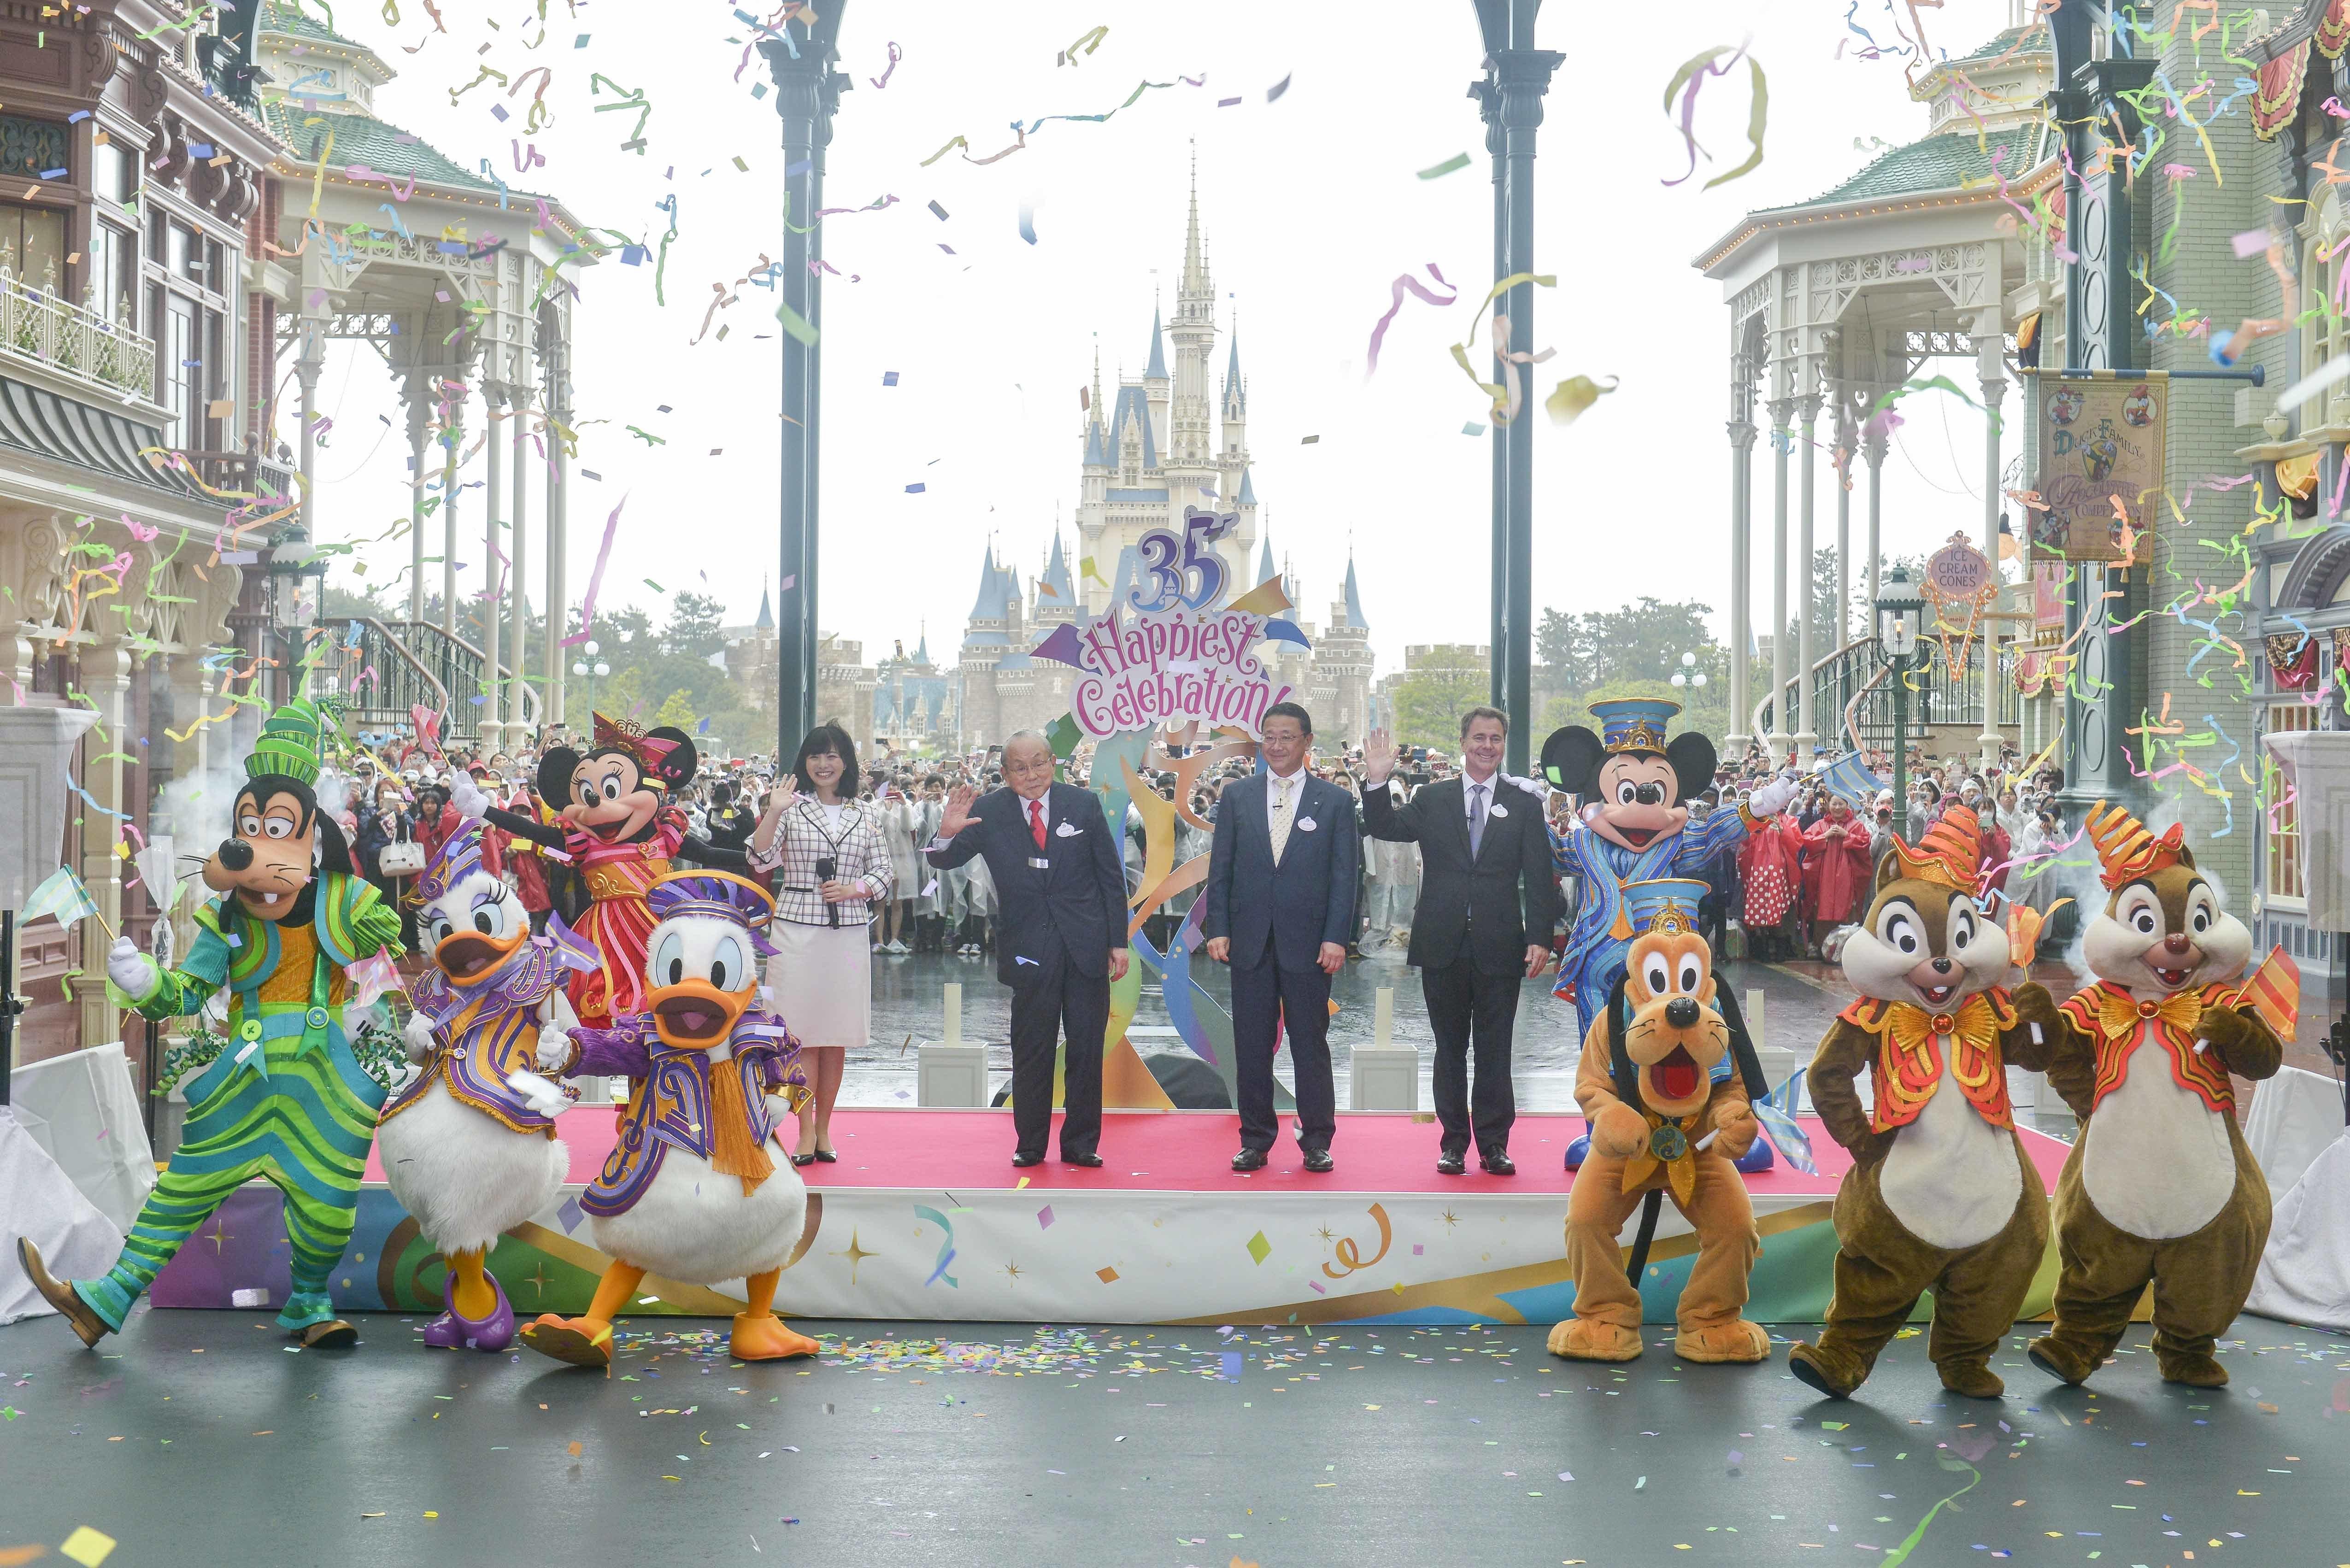 ステージ上 左から、ミニーマウス、福本望氏、加賀見俊夫氏、上西京一郎氏、マイケル A.コールグレイザー氏、ミッキーマウス(オープニングセレモニーの様子) (C)Disney